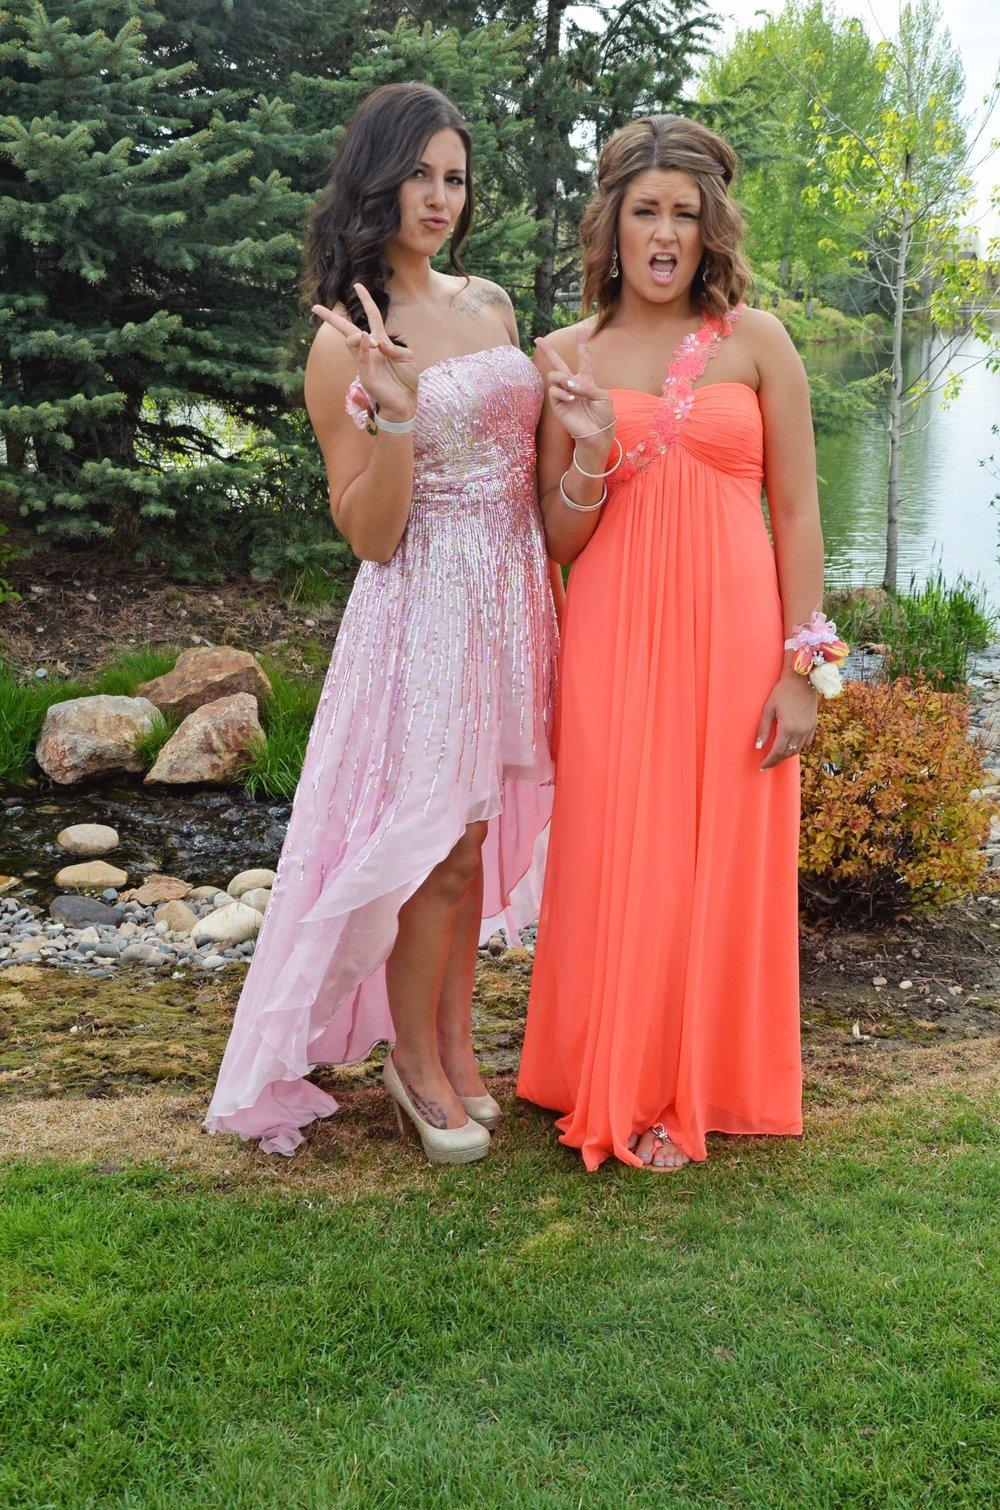 Senior Prom #2!